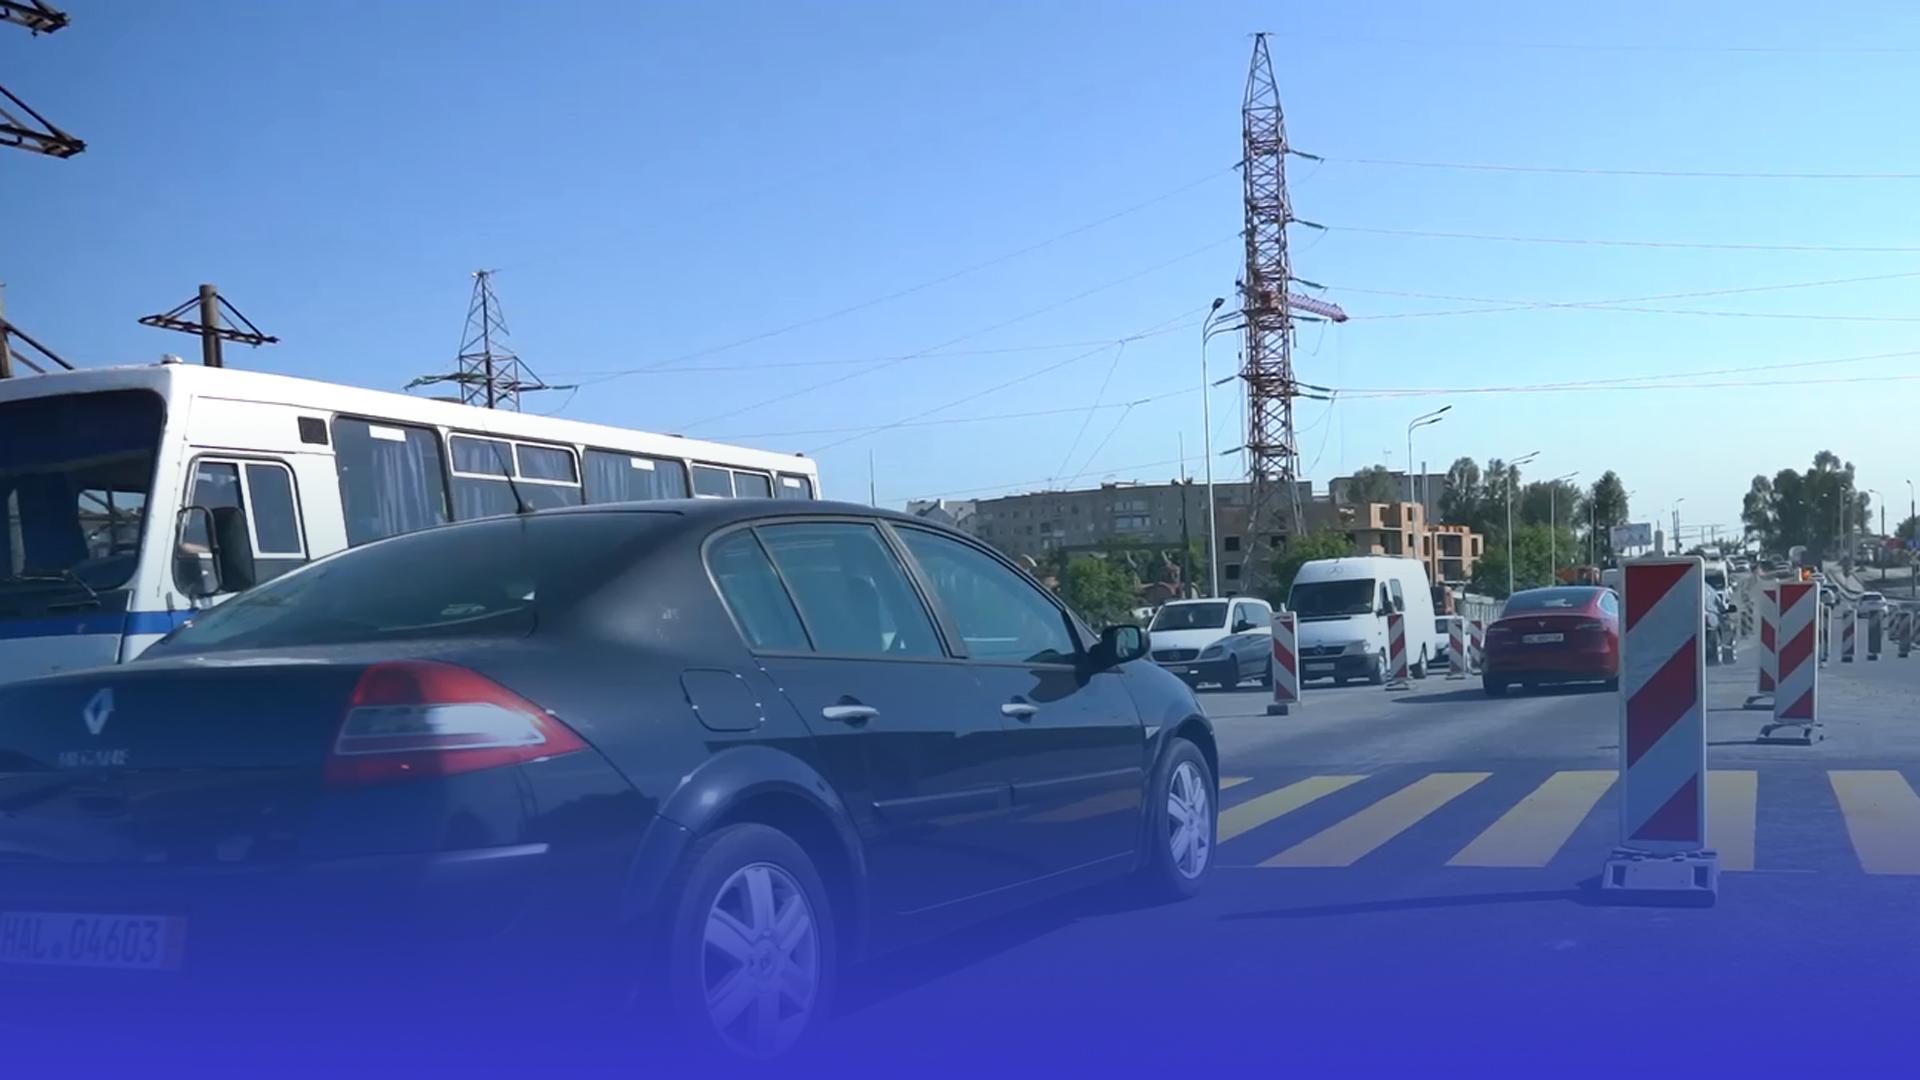 Відкрили проїзд: на Гаївській розв'язці водії тепер можуть користуватись двома смугами